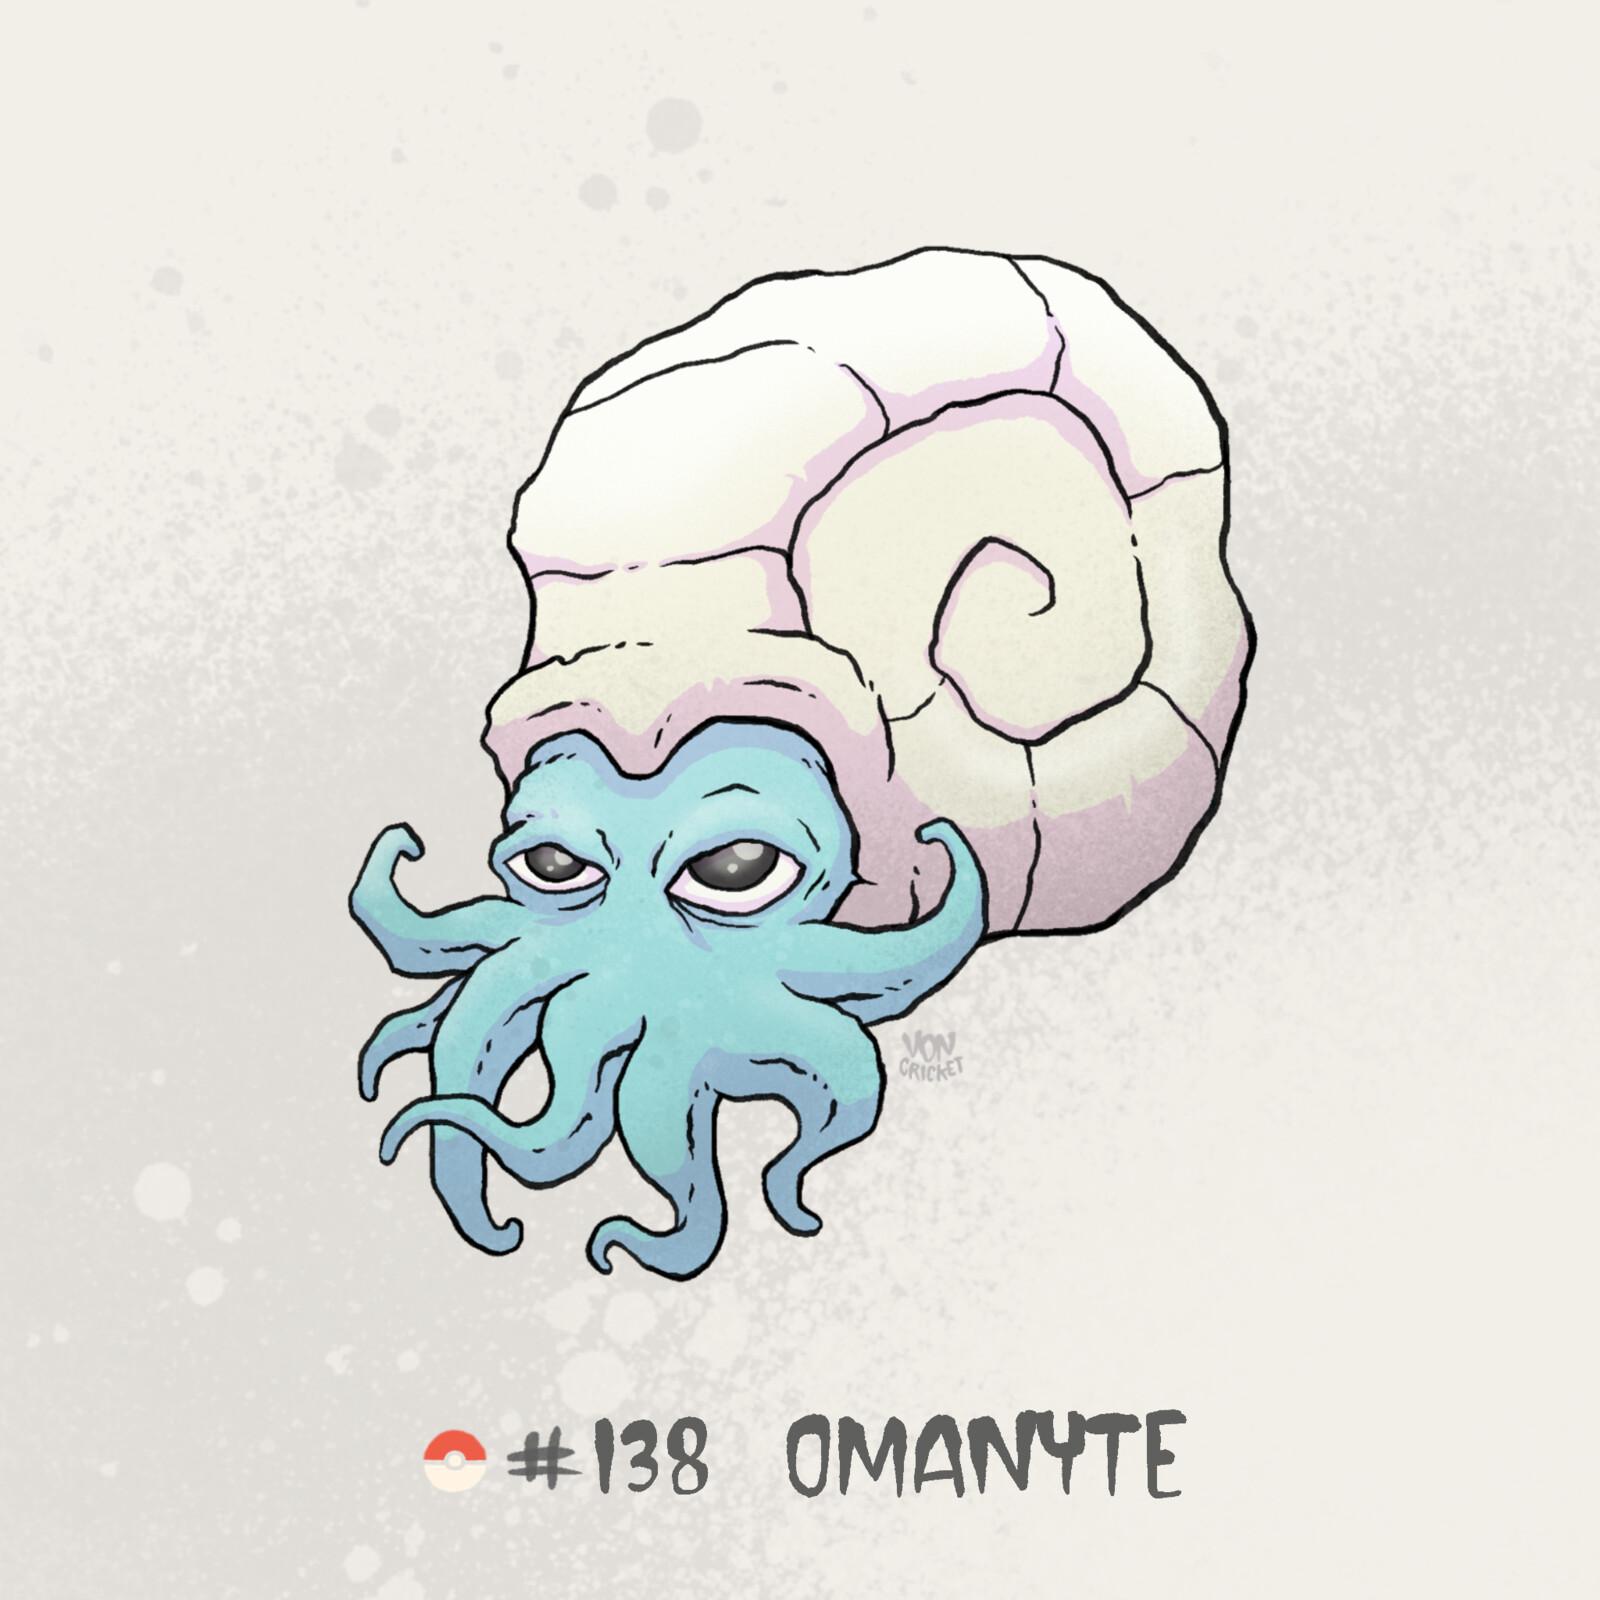 #138 Omanyte